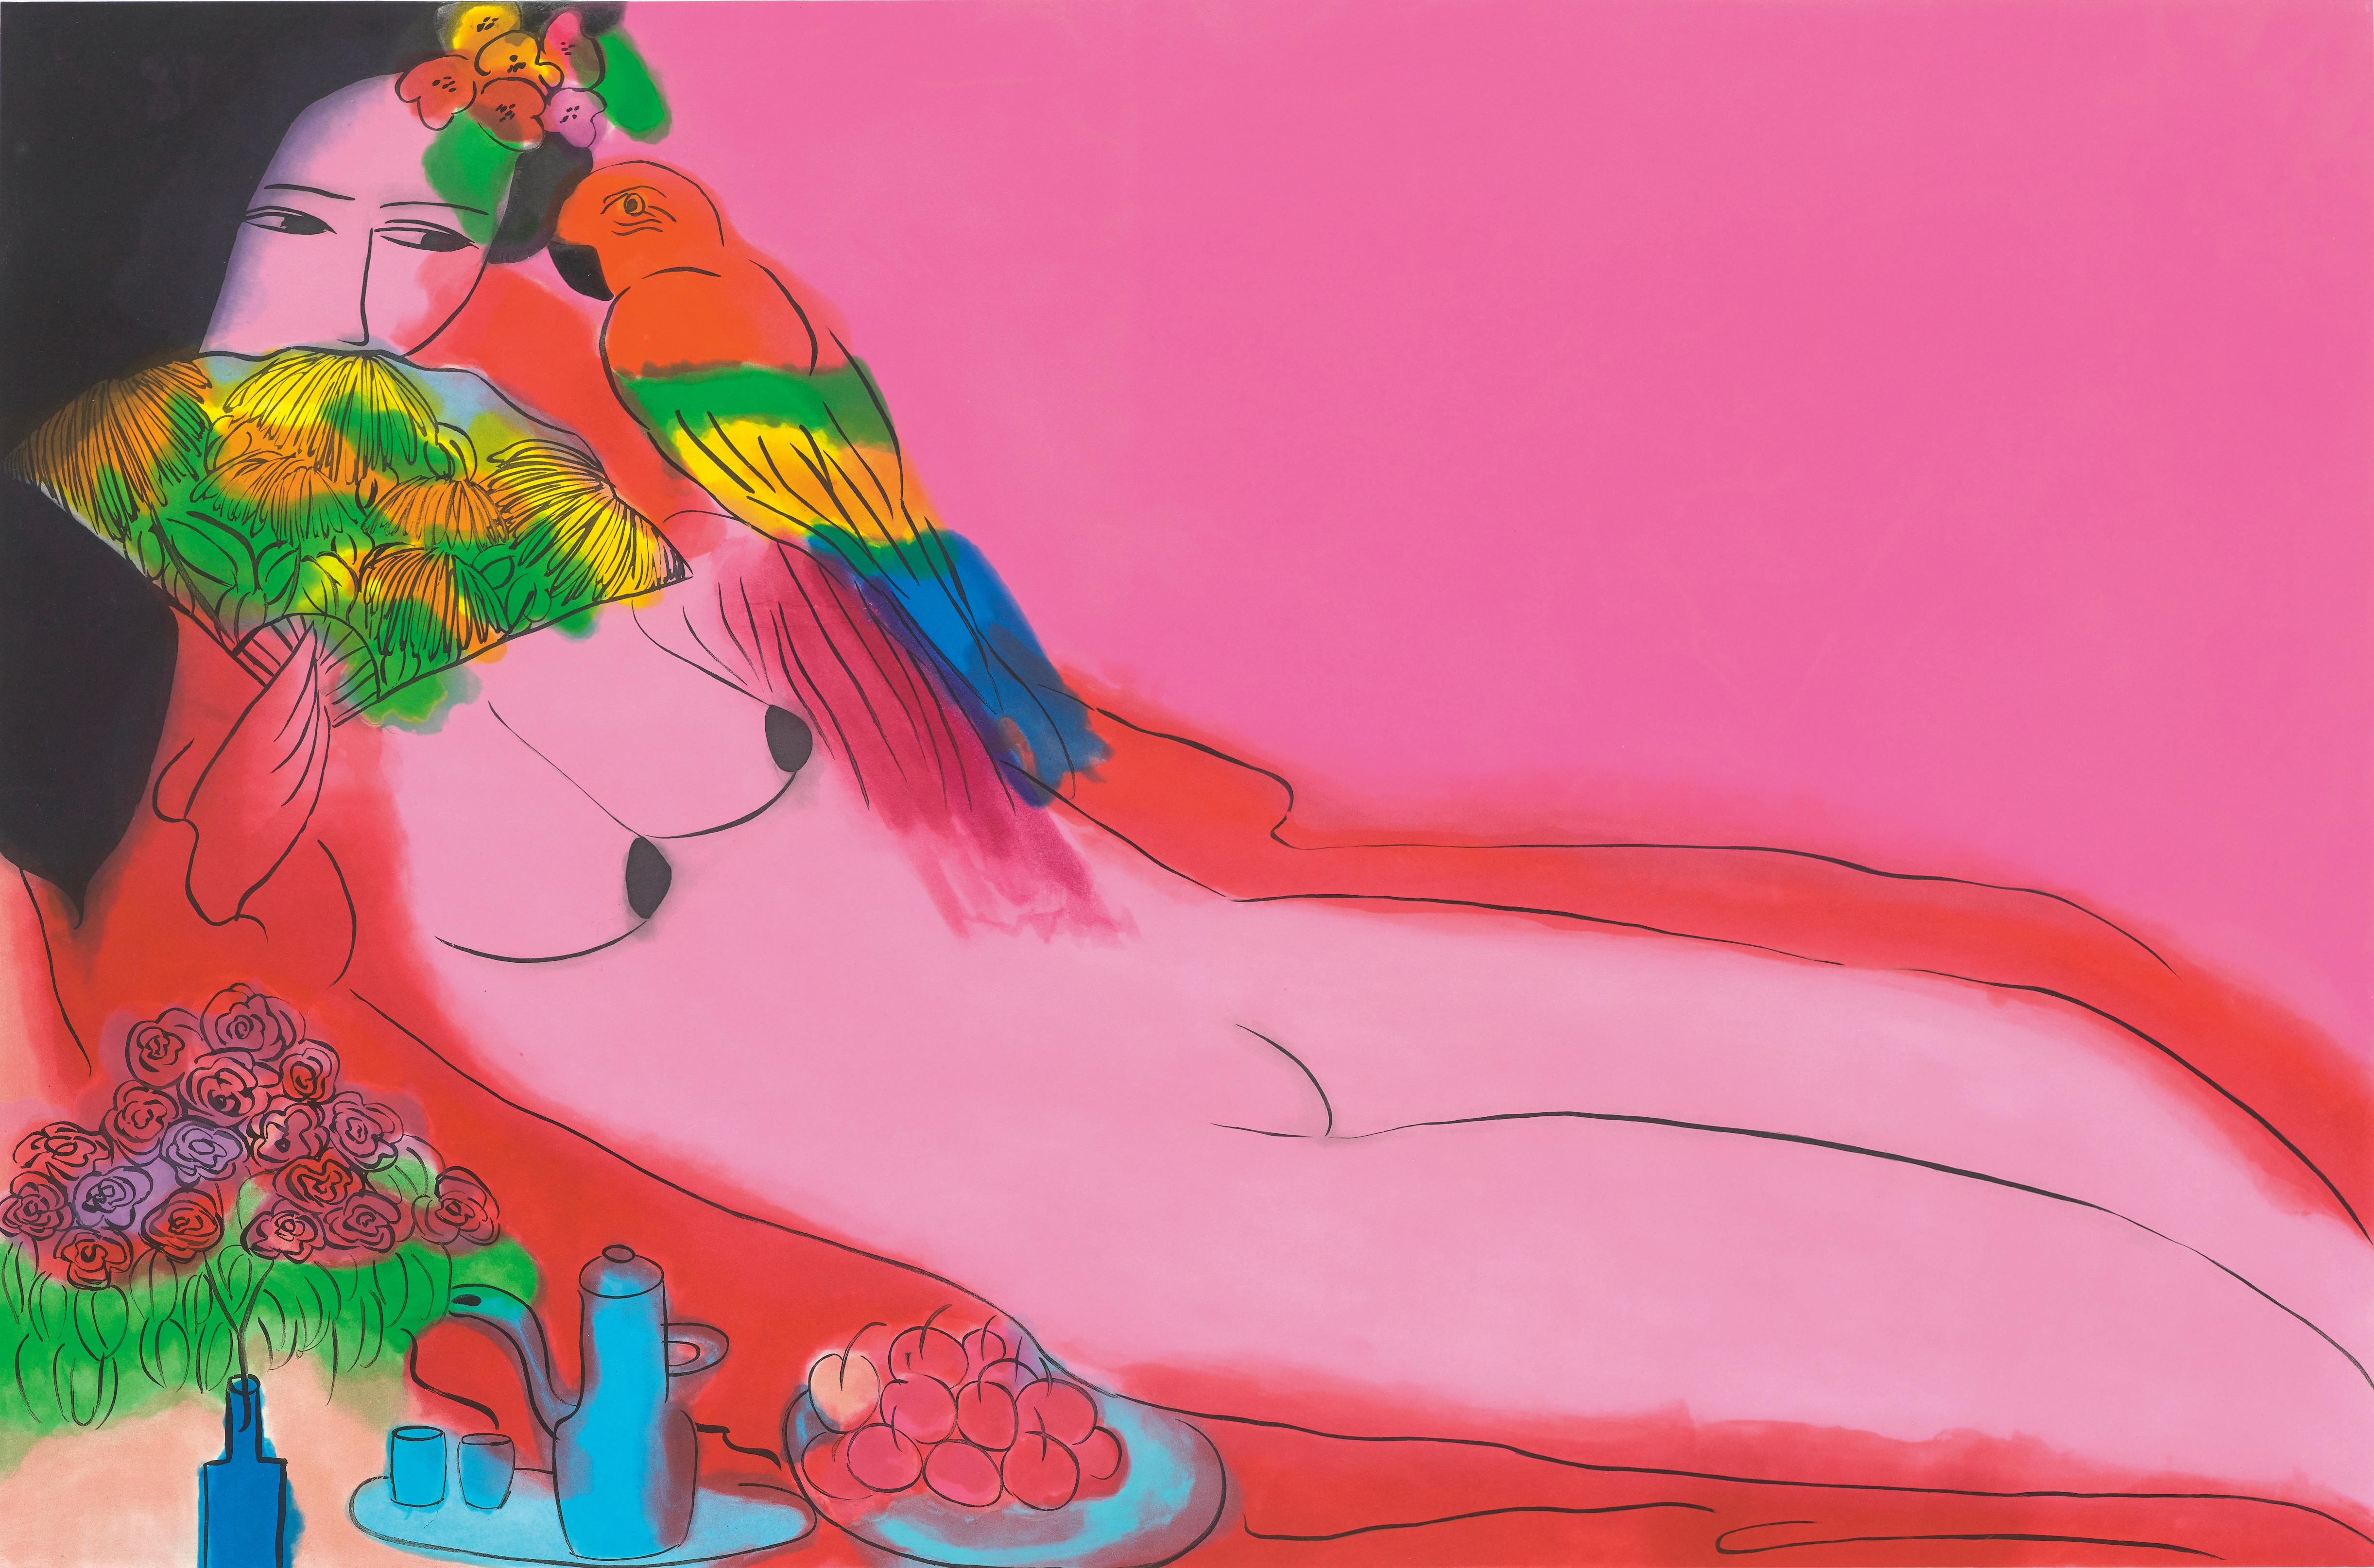 丁雄泉 《裸女》